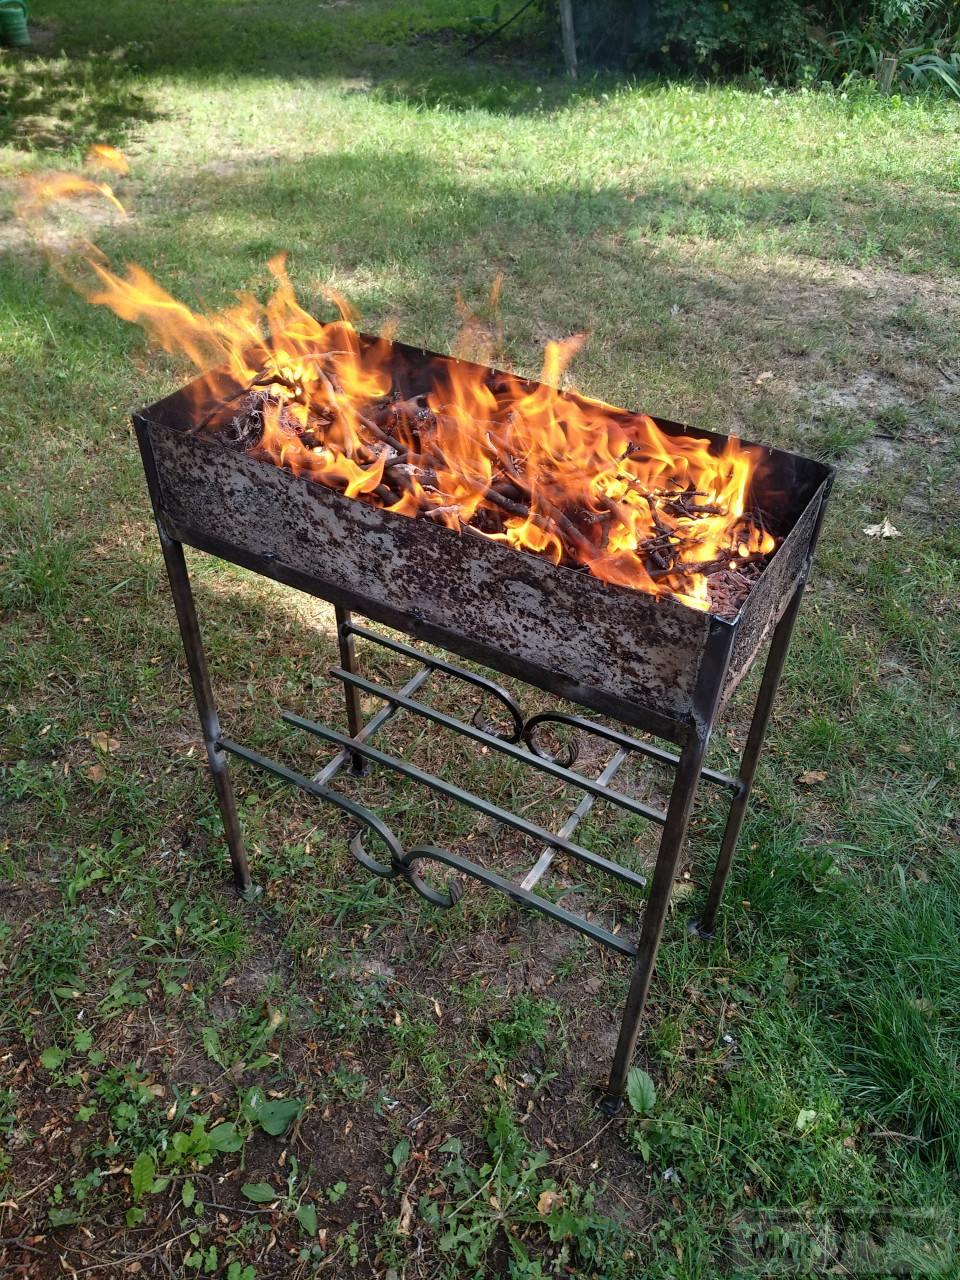 69696 - Закуски на огне (мангал, барбекю и т.д.) и кулинария вообще. Советы и рецепты.